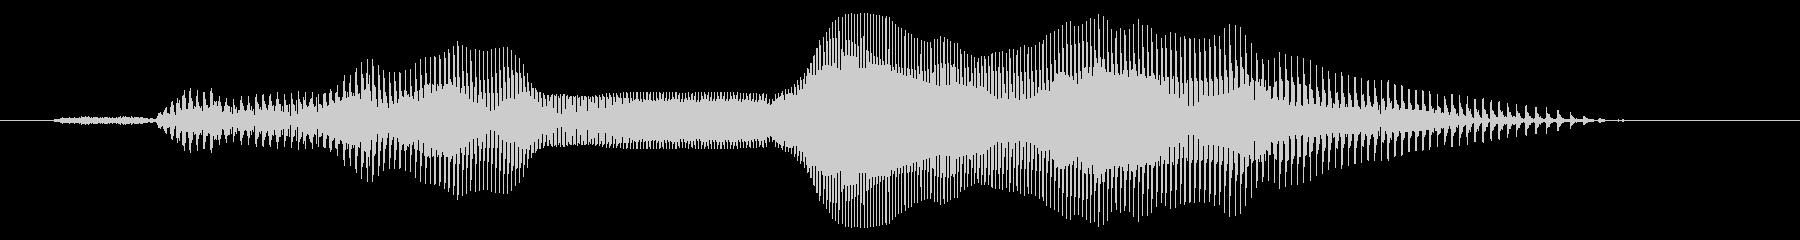 そんなぁ〜(低音)の未再生の波形